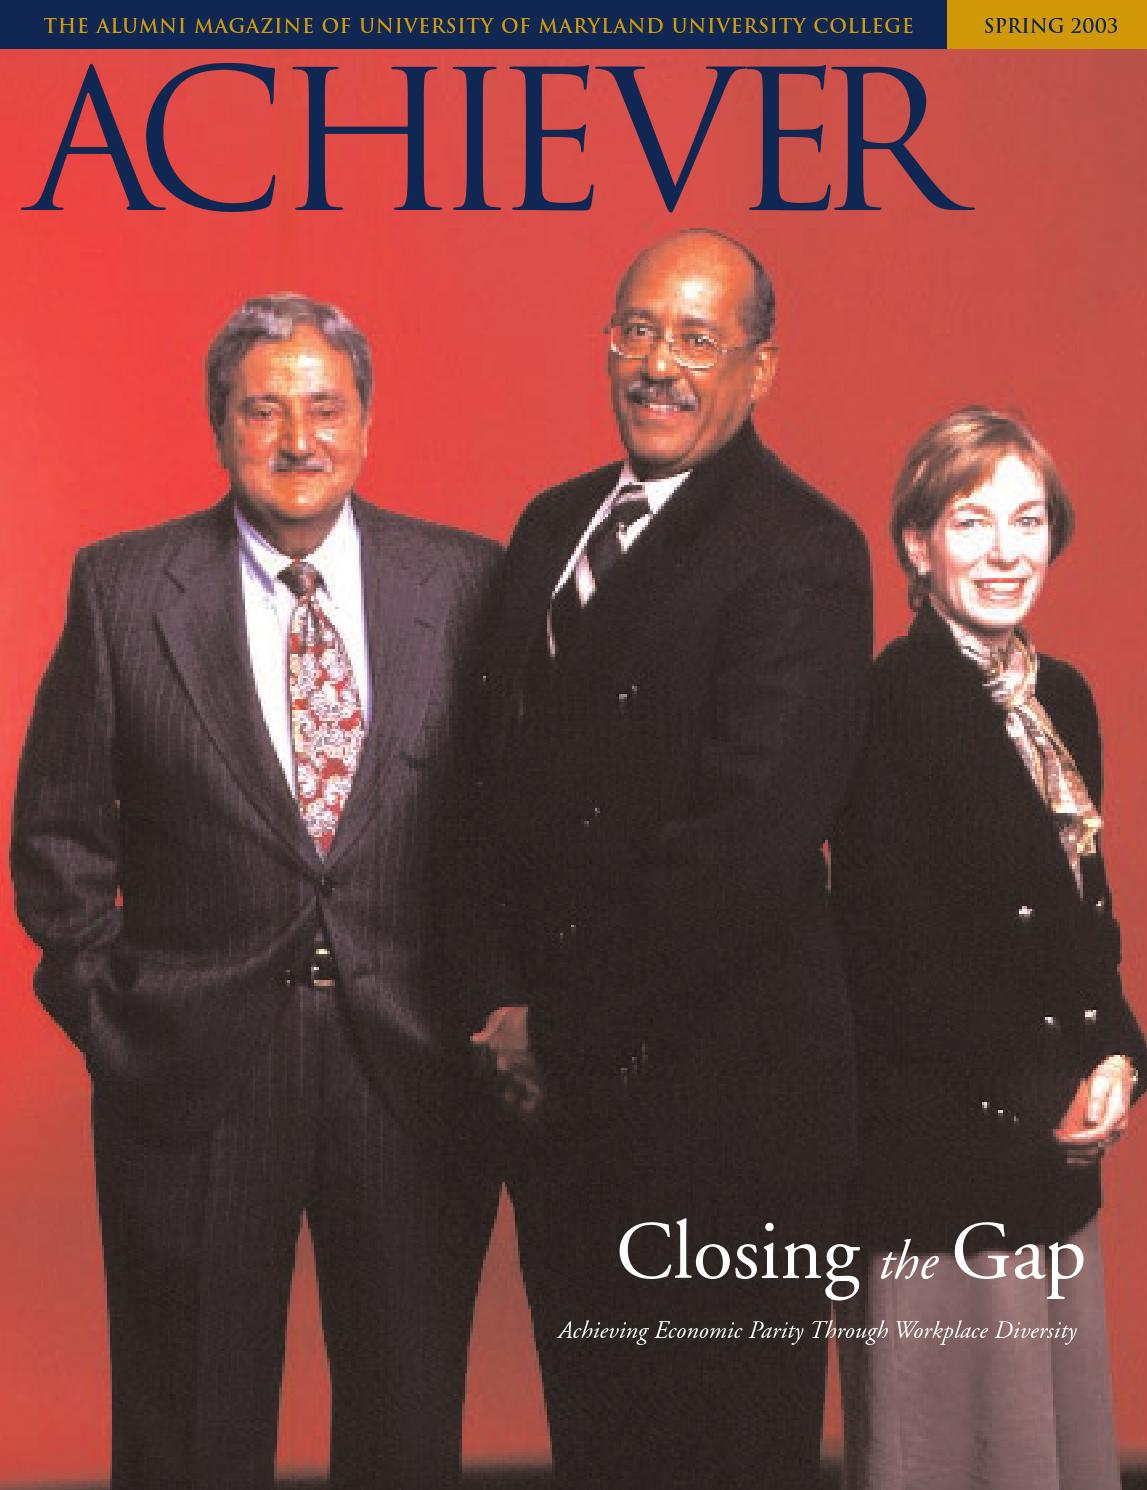 UMUC Achiever Magazine 990be267e